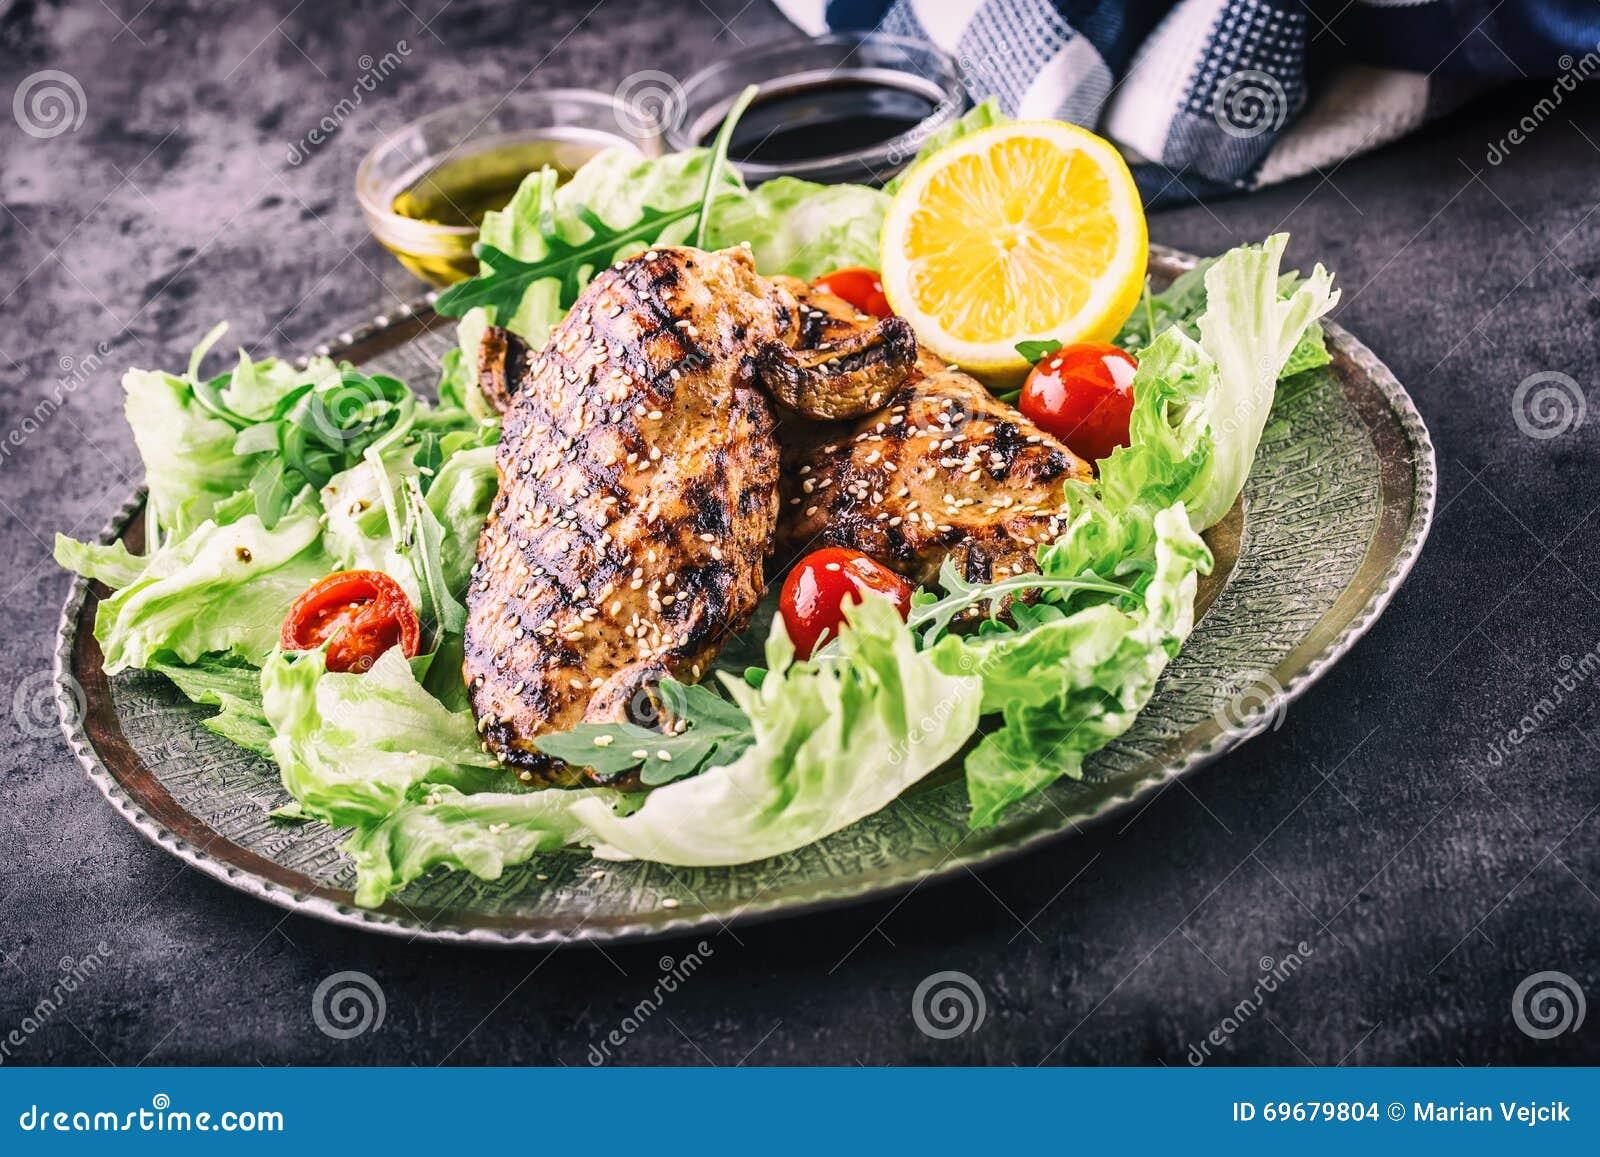 Зажаренная куриная грудка в различных изменениях с травами грибов томатов вишни салата салата отрезала лимон на деревянной доске